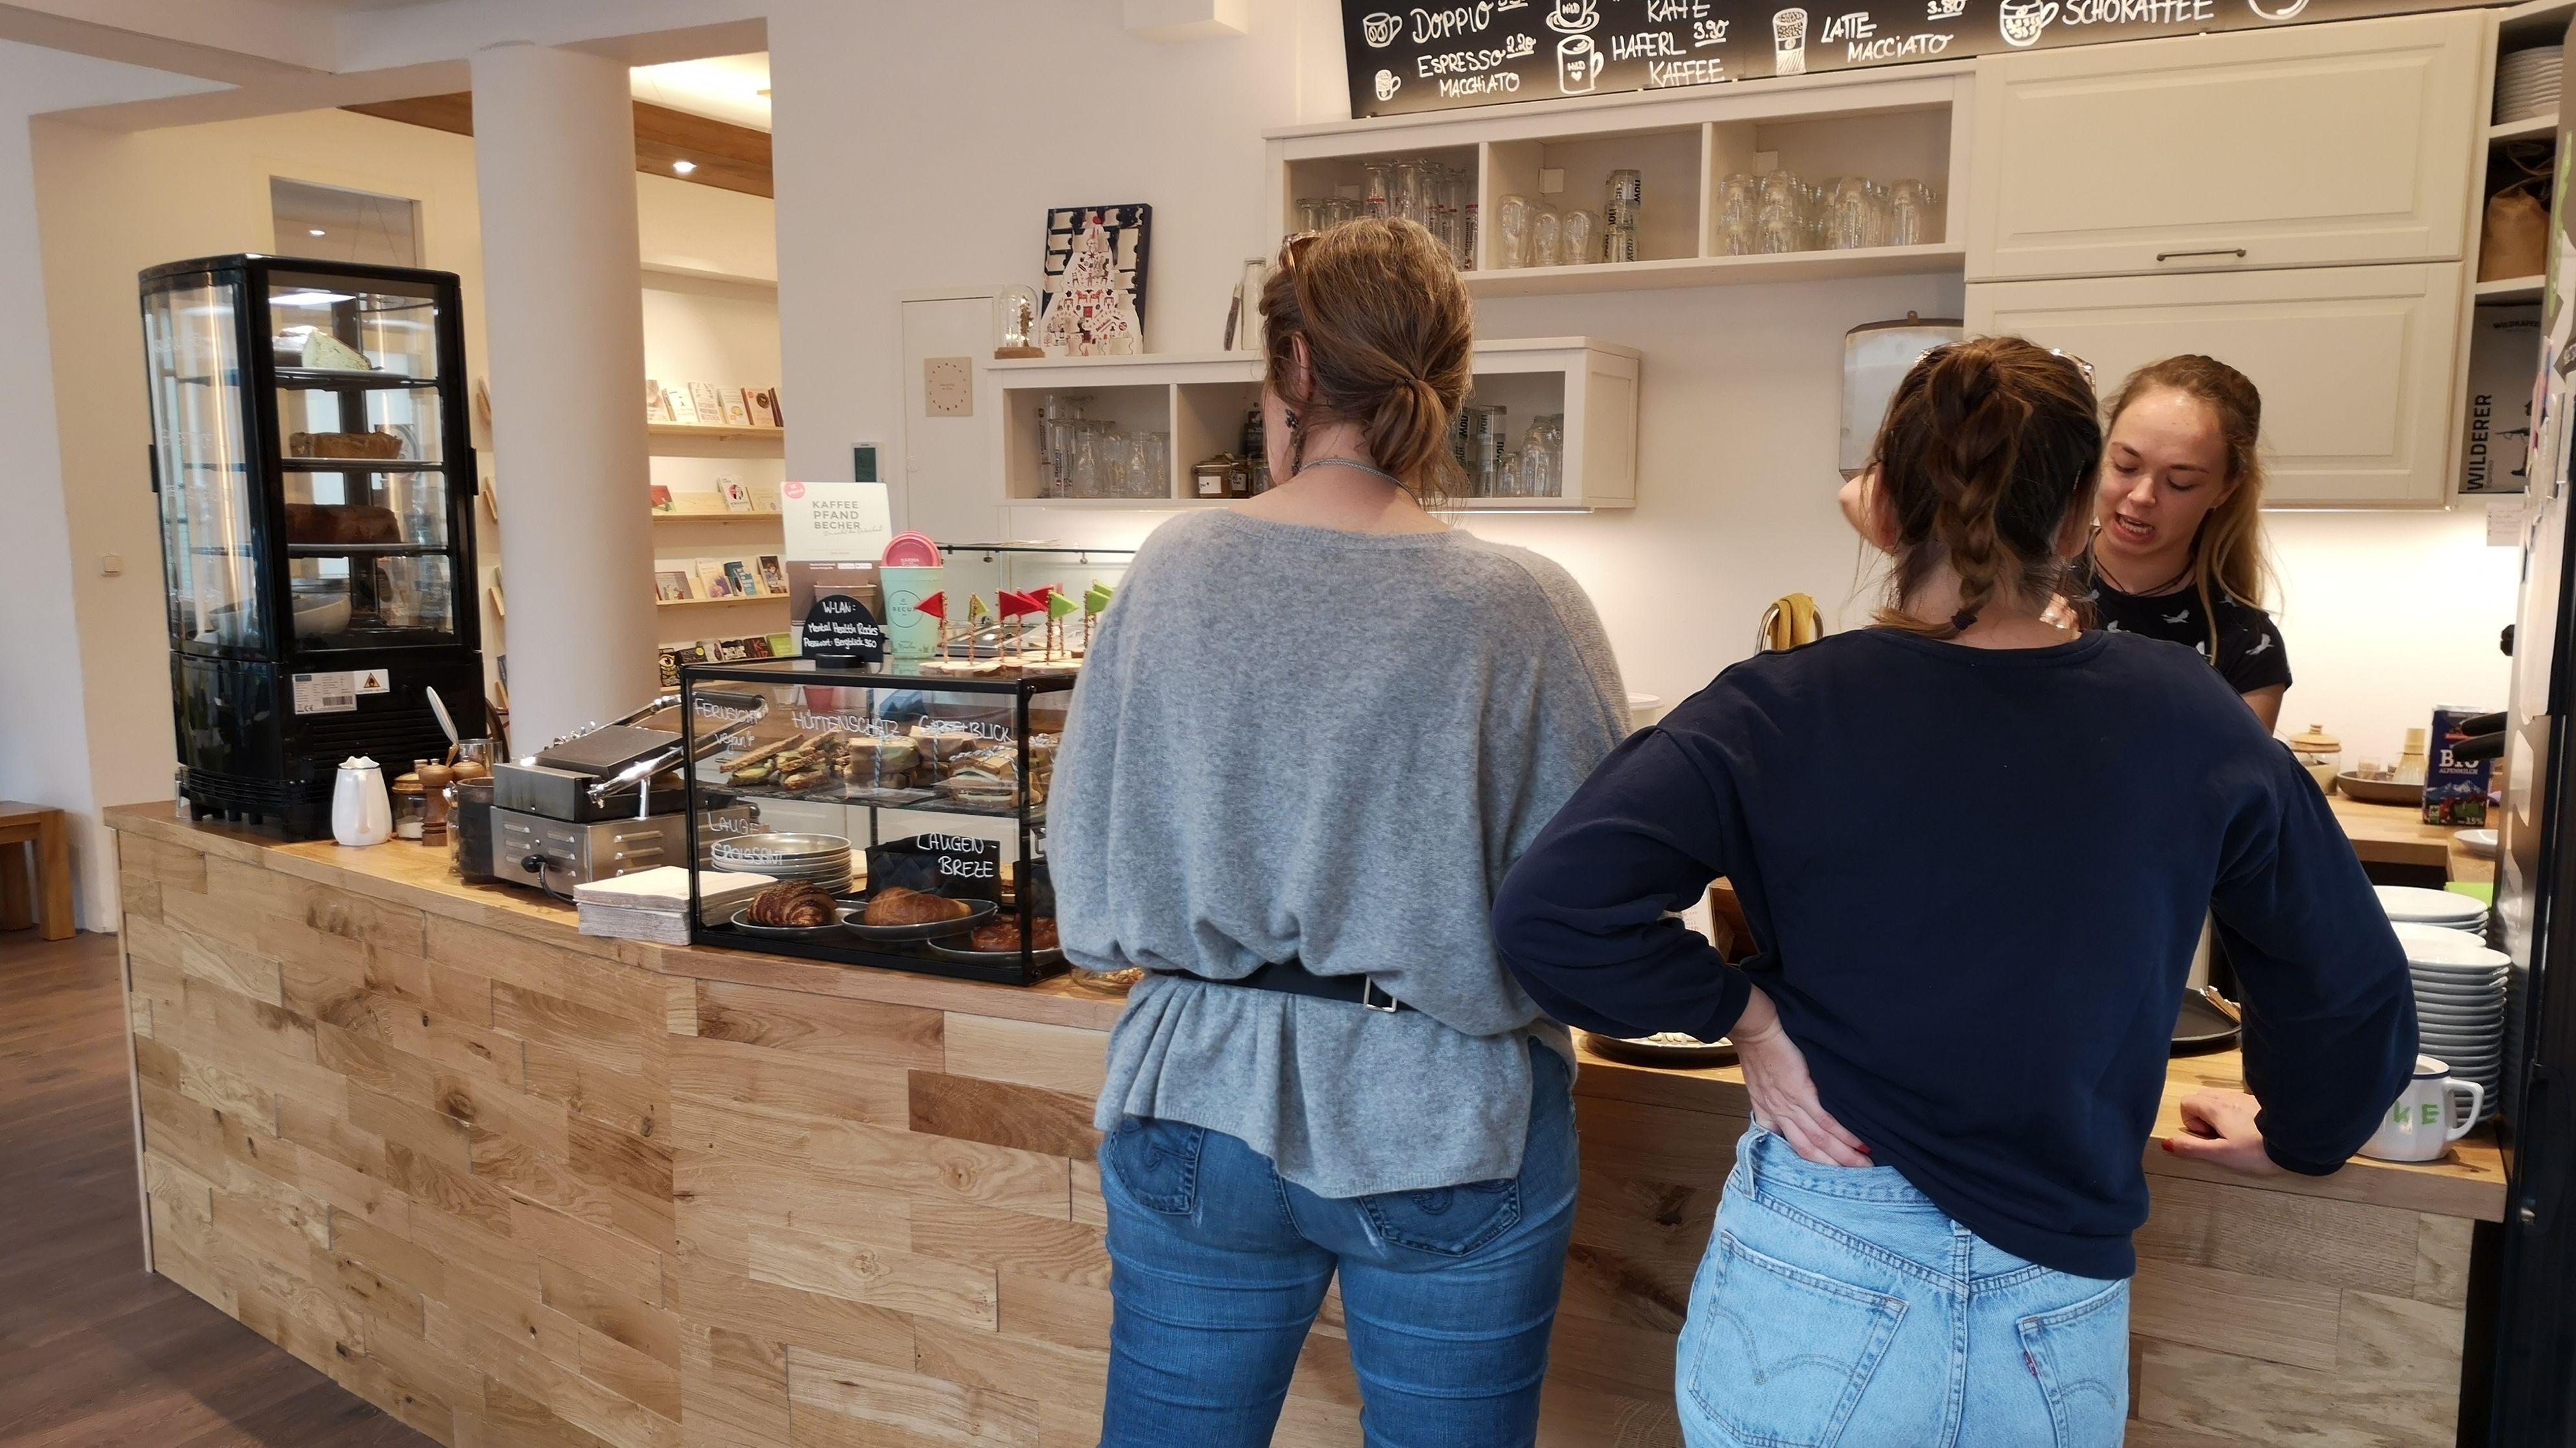 An der Theke im Eingangsbereich warten zwei Kundinnen auf ihren Kaffee. Daneben steht eine Vitrine mit belegten Broten und Kuchen.